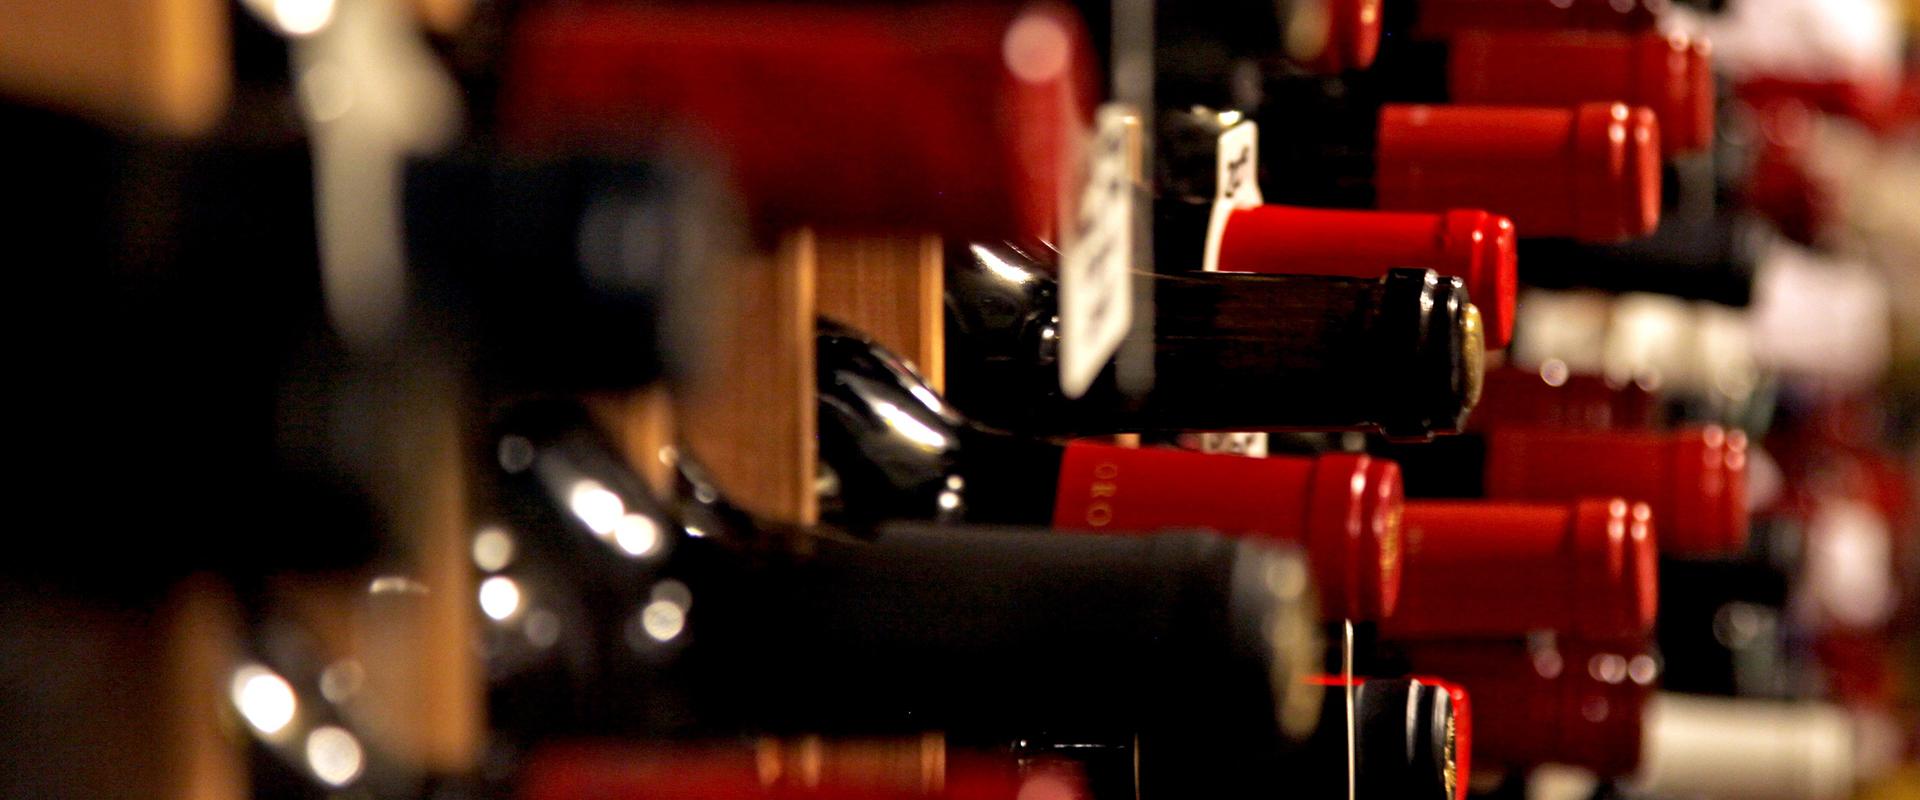 Ernesto Catering Timisoara - Bauturi Catering Timisoara